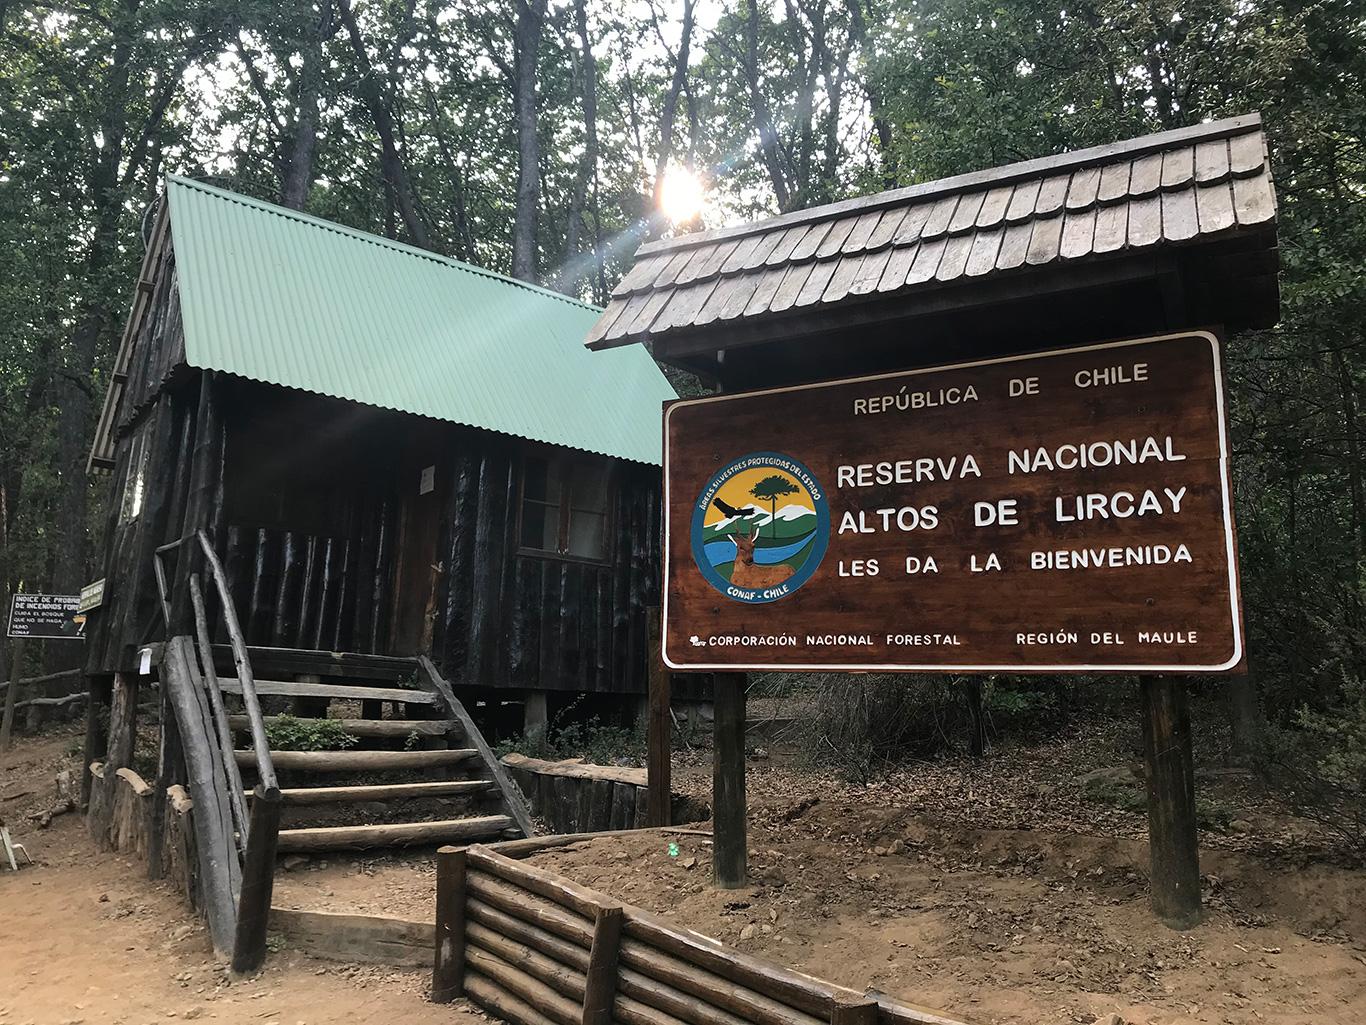 Sign at Altos De Lircay, Altos De Lircay, Chile.